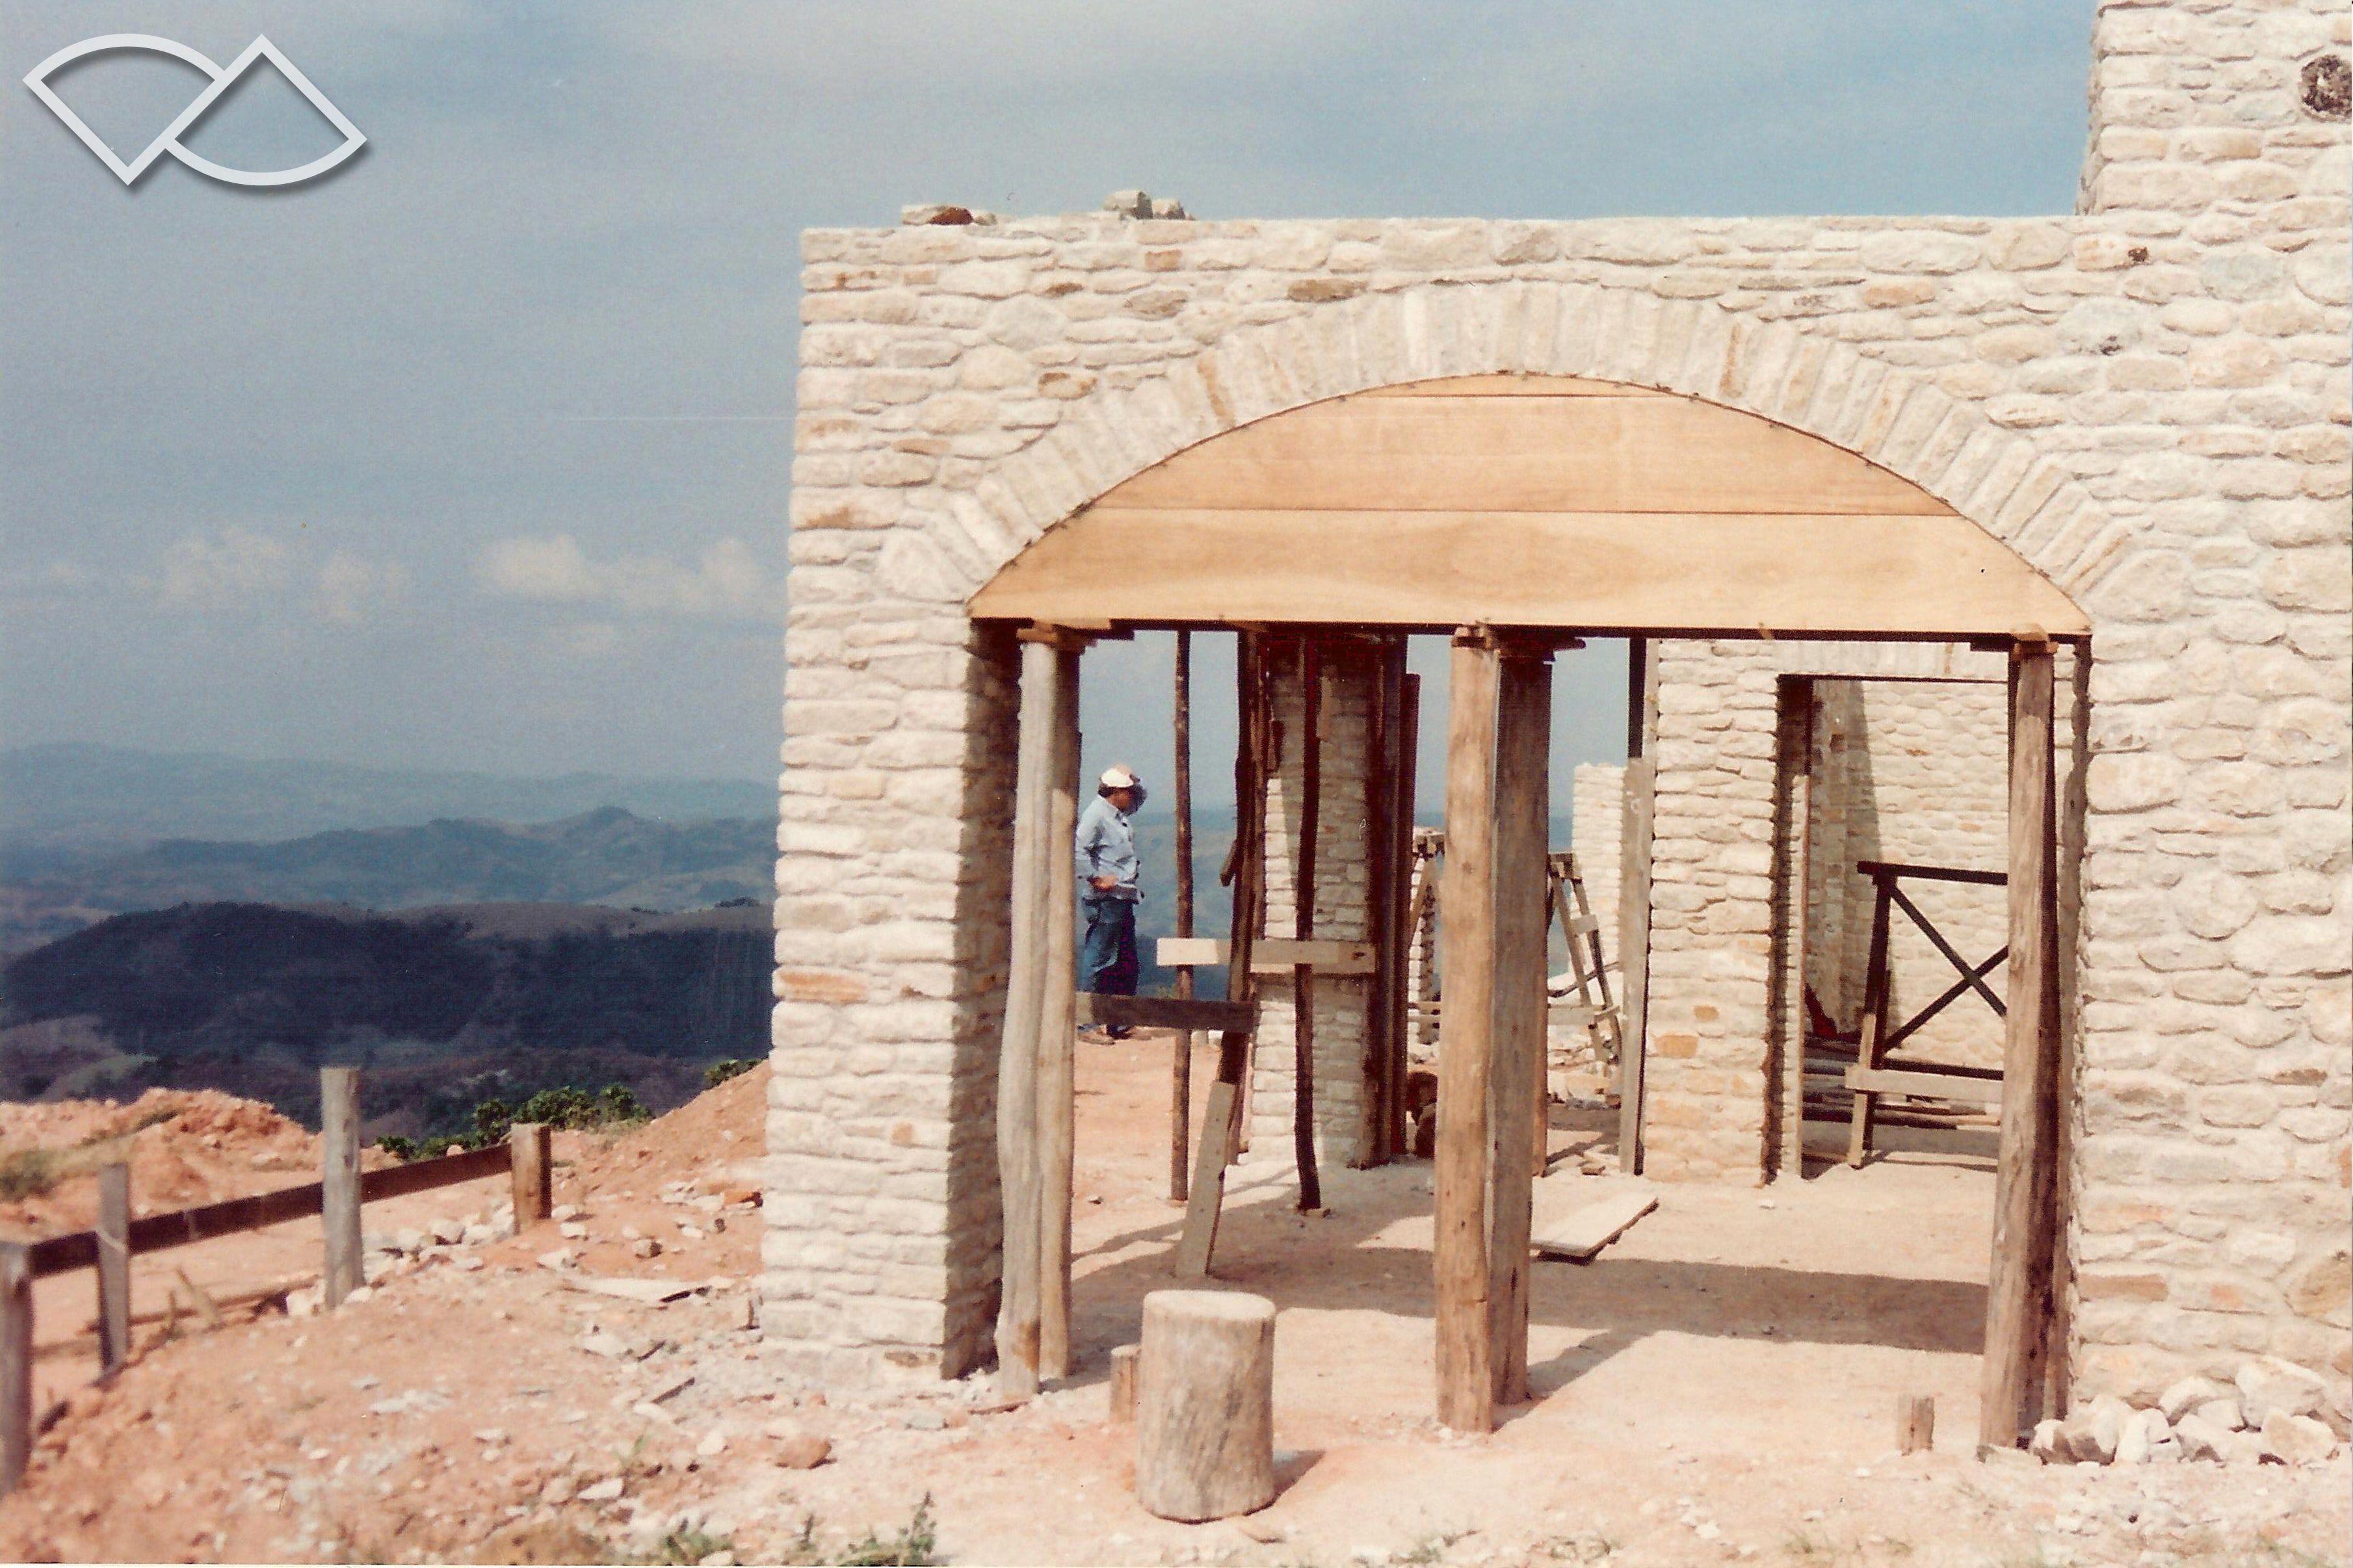 Projeto: Tikkanen Arquitetura / Residência / Etapas da construção em cantaria.